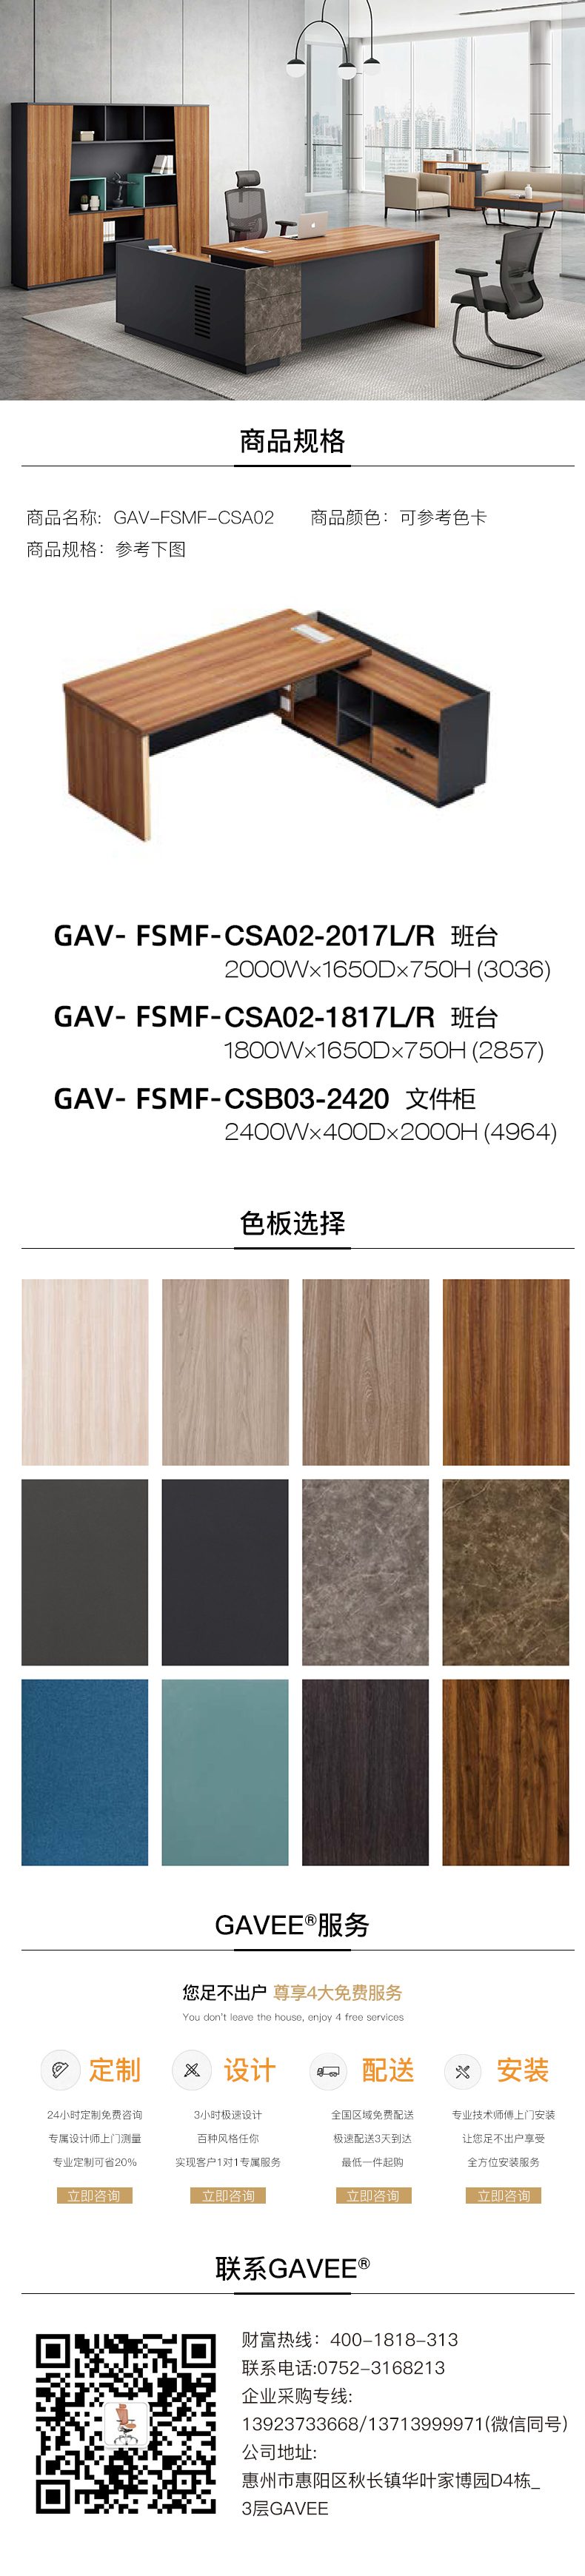 高層決策系統GAV-FSMF-CSA02.jpg